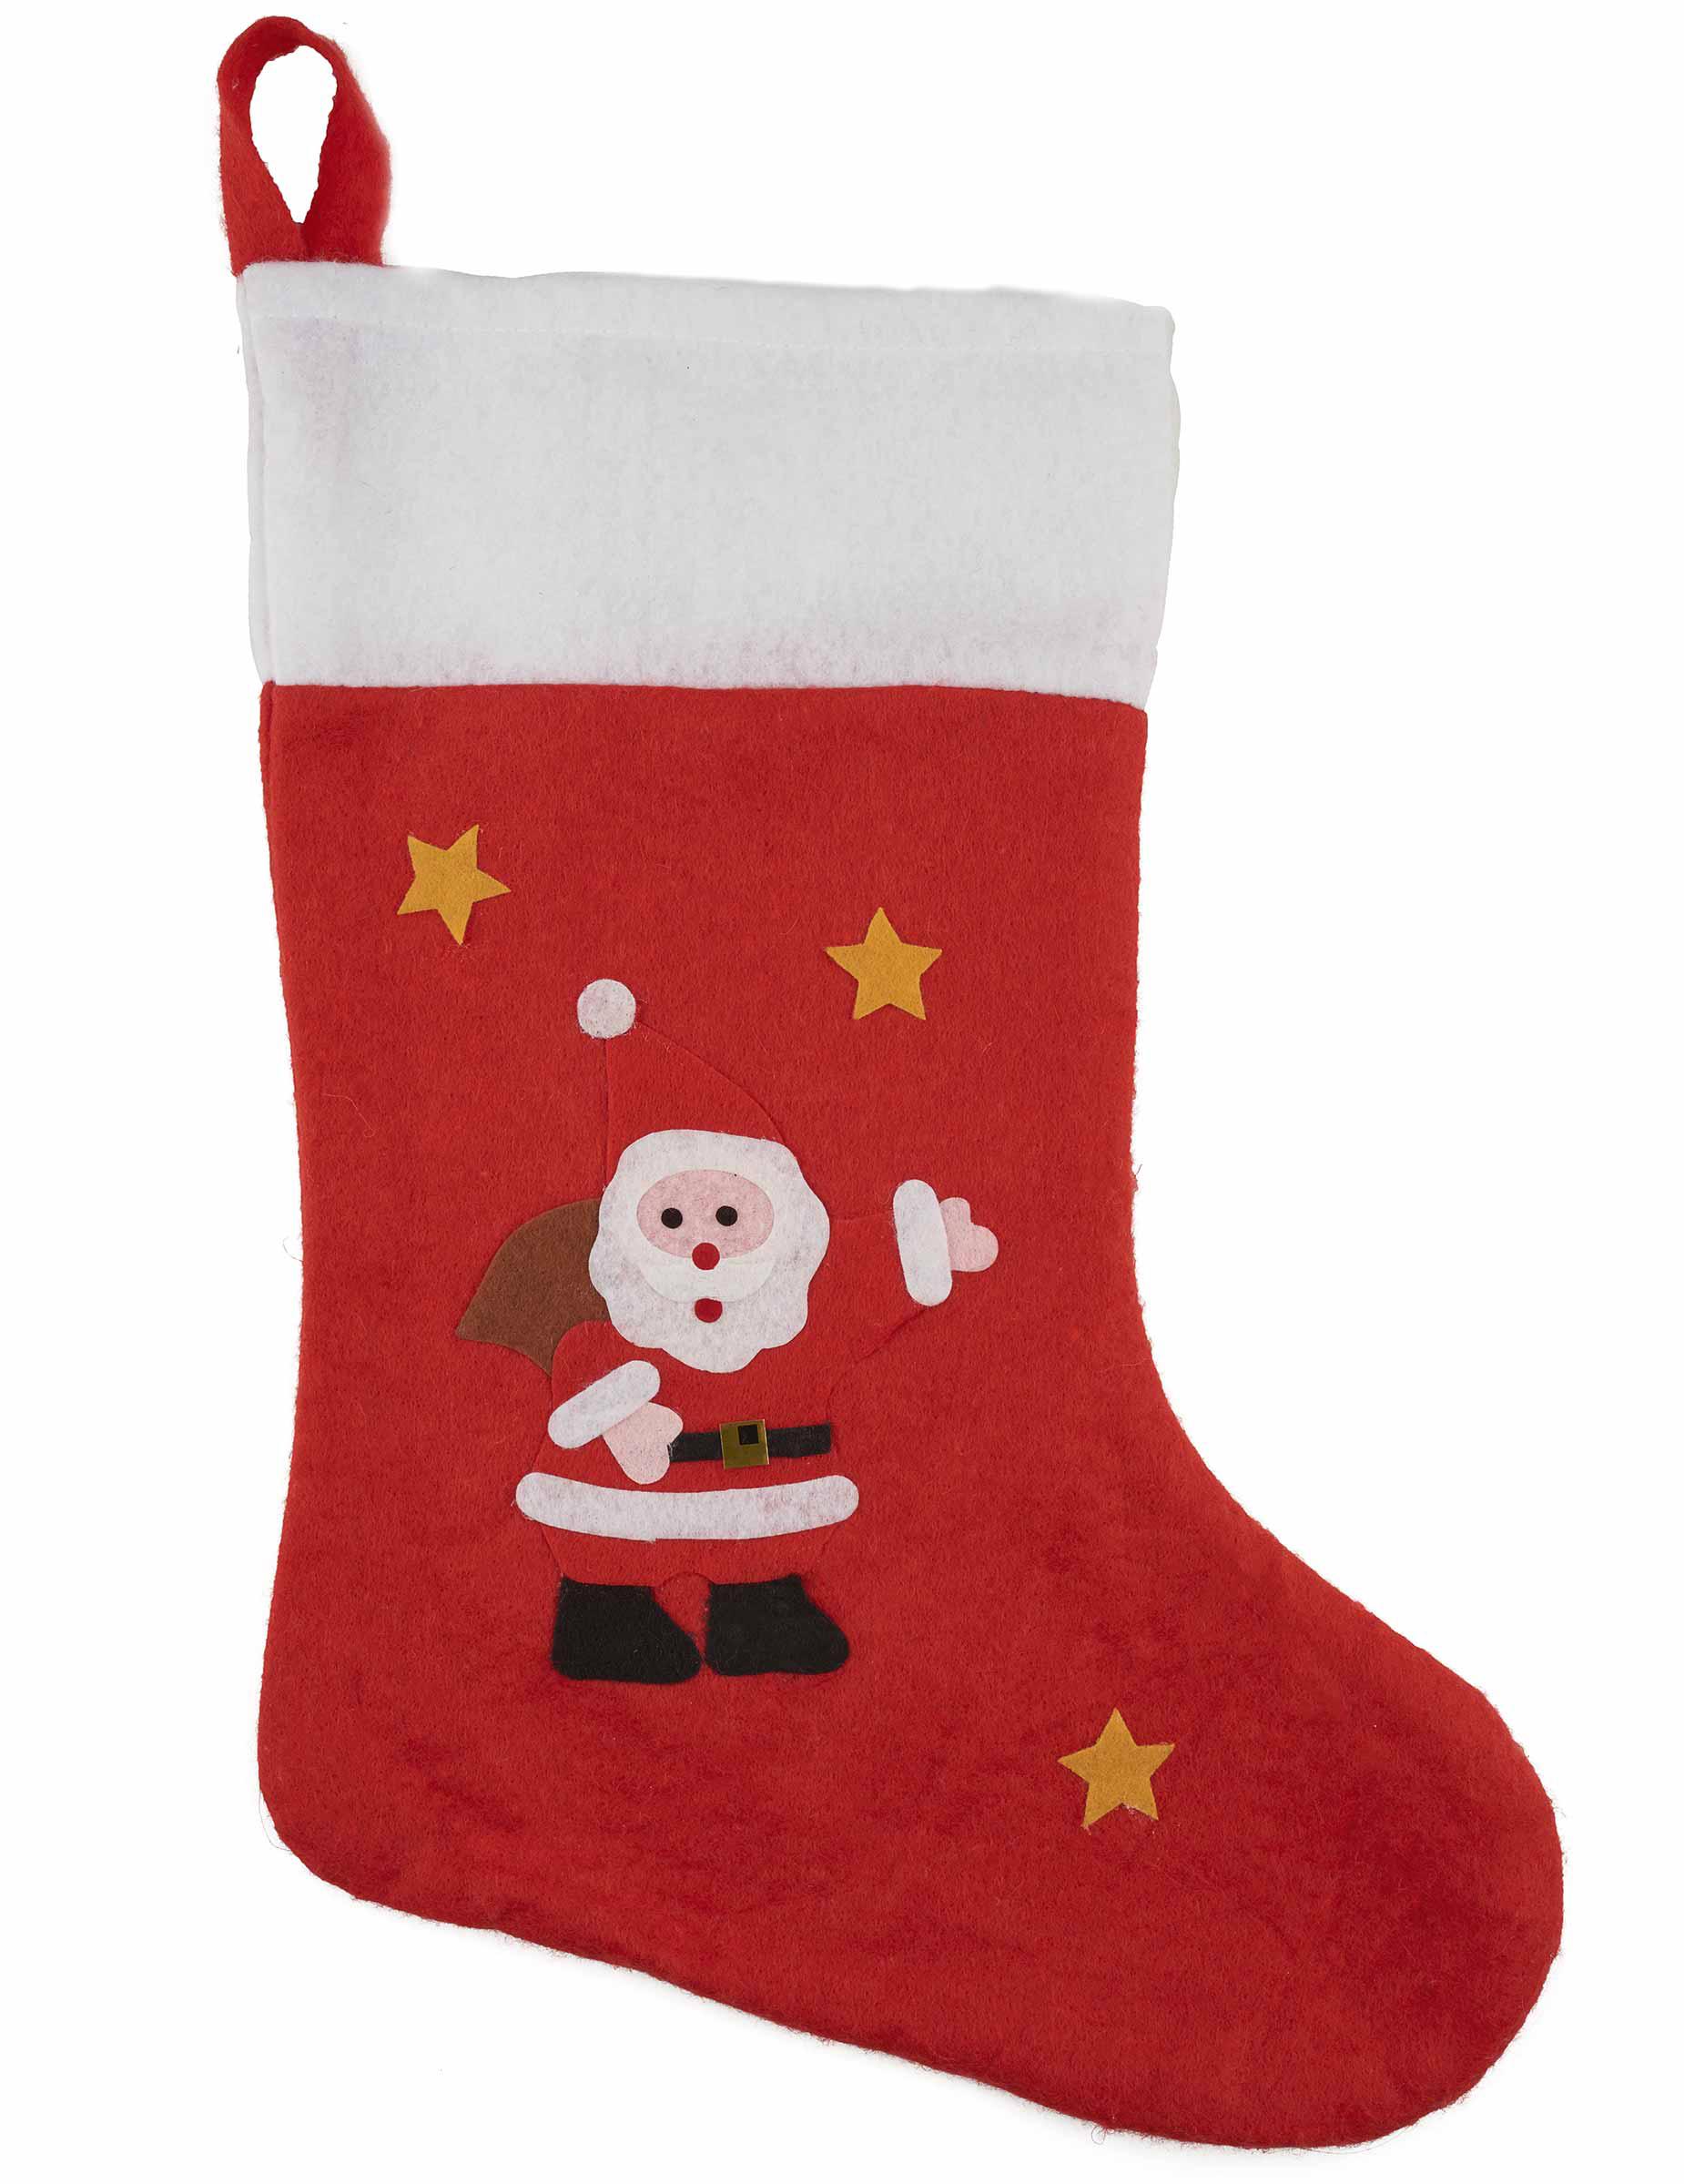 Decorazione natalizia calza della befana - Calcetines de navidad personalizados ...